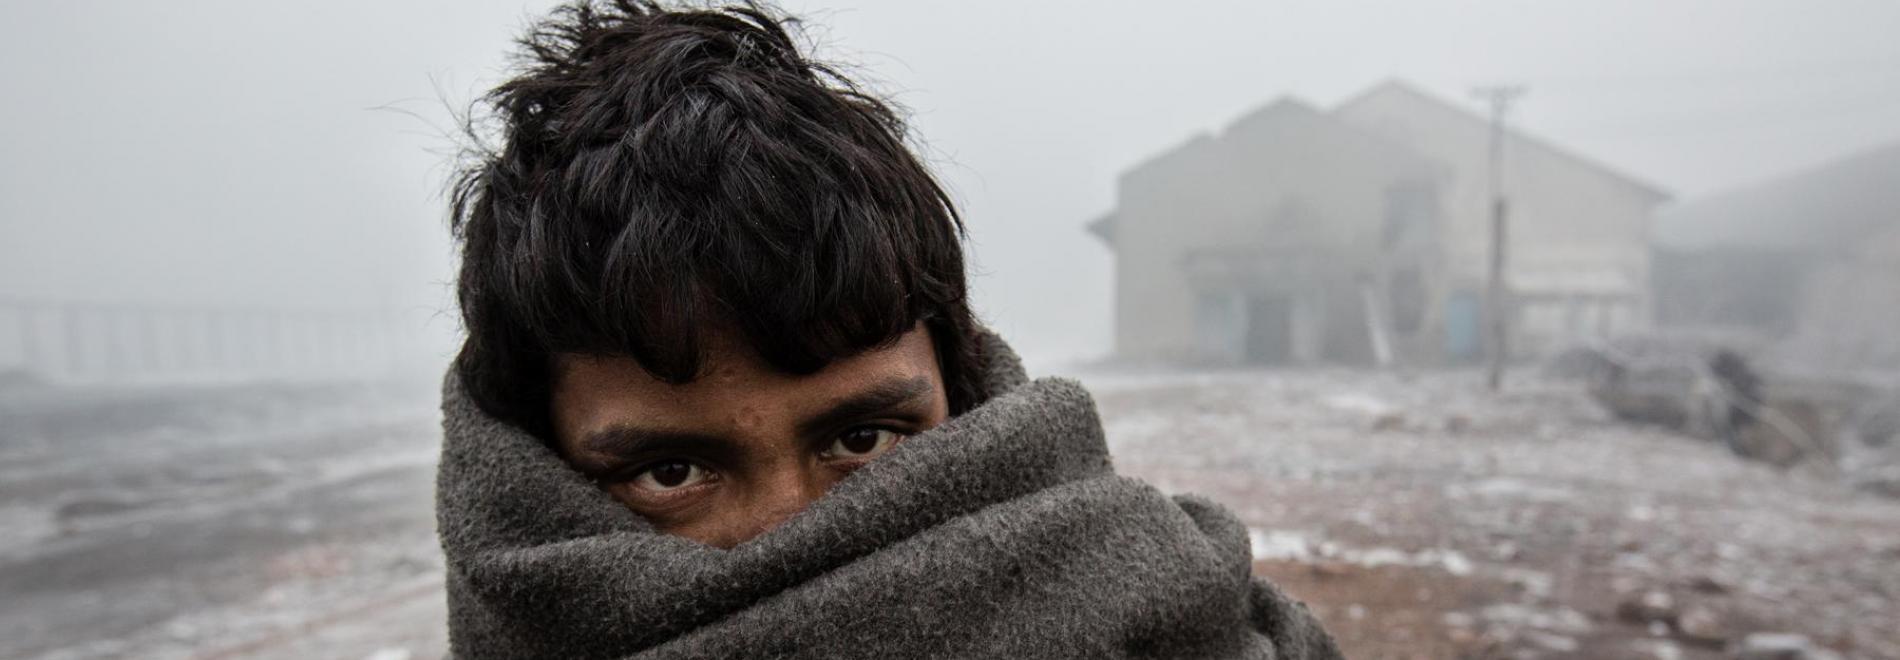 Ein Flüchtling auf dem Balkan. Foto: Kristof Vadino